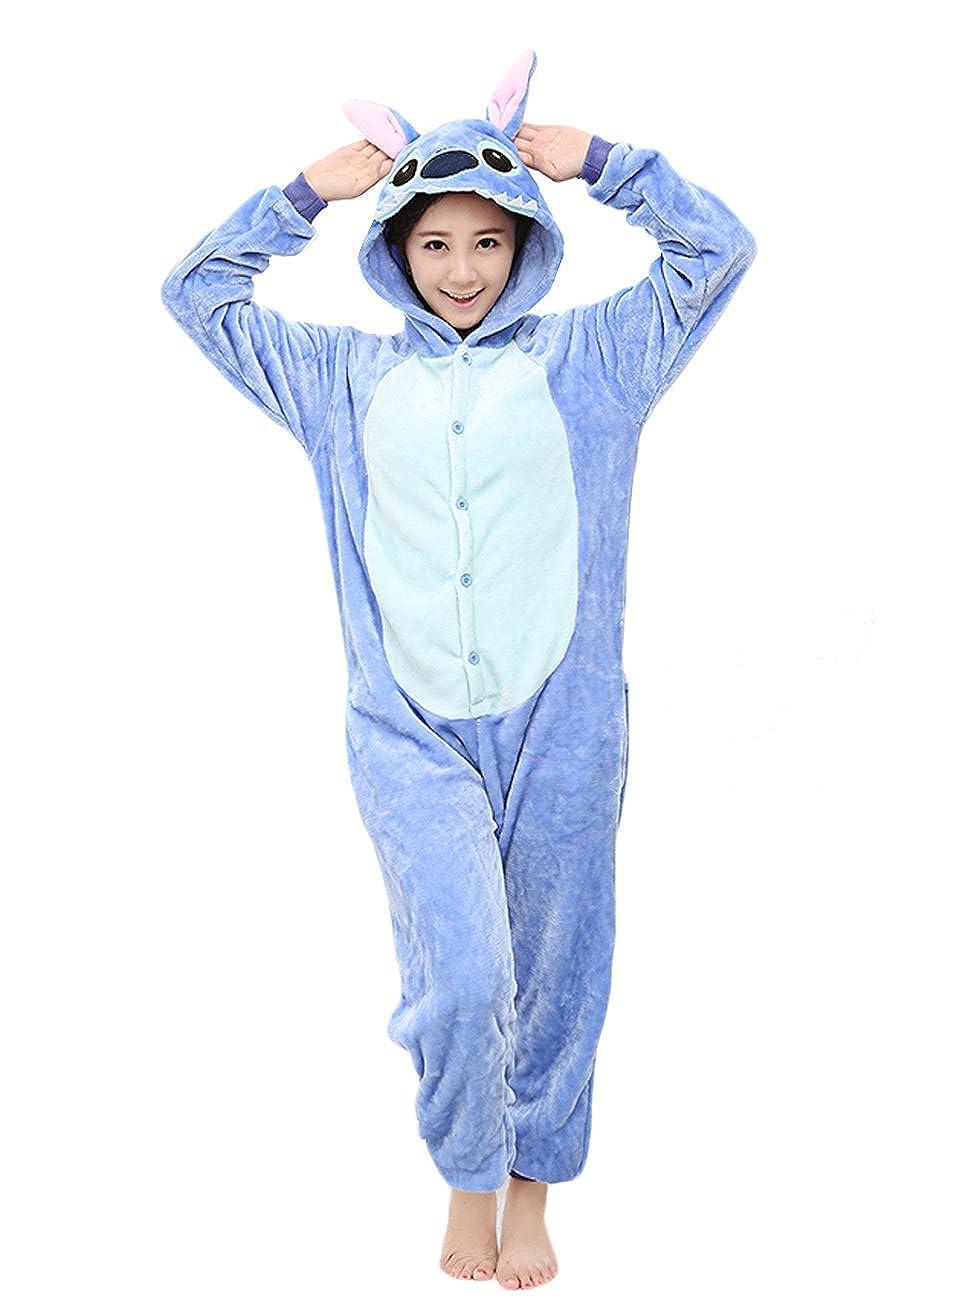 TALLA M. Yimidear® Unisex Cálido Pijamas para Adultos Cosplay Animales de Vestuario Ropa de Dormir Halloween y Navidad